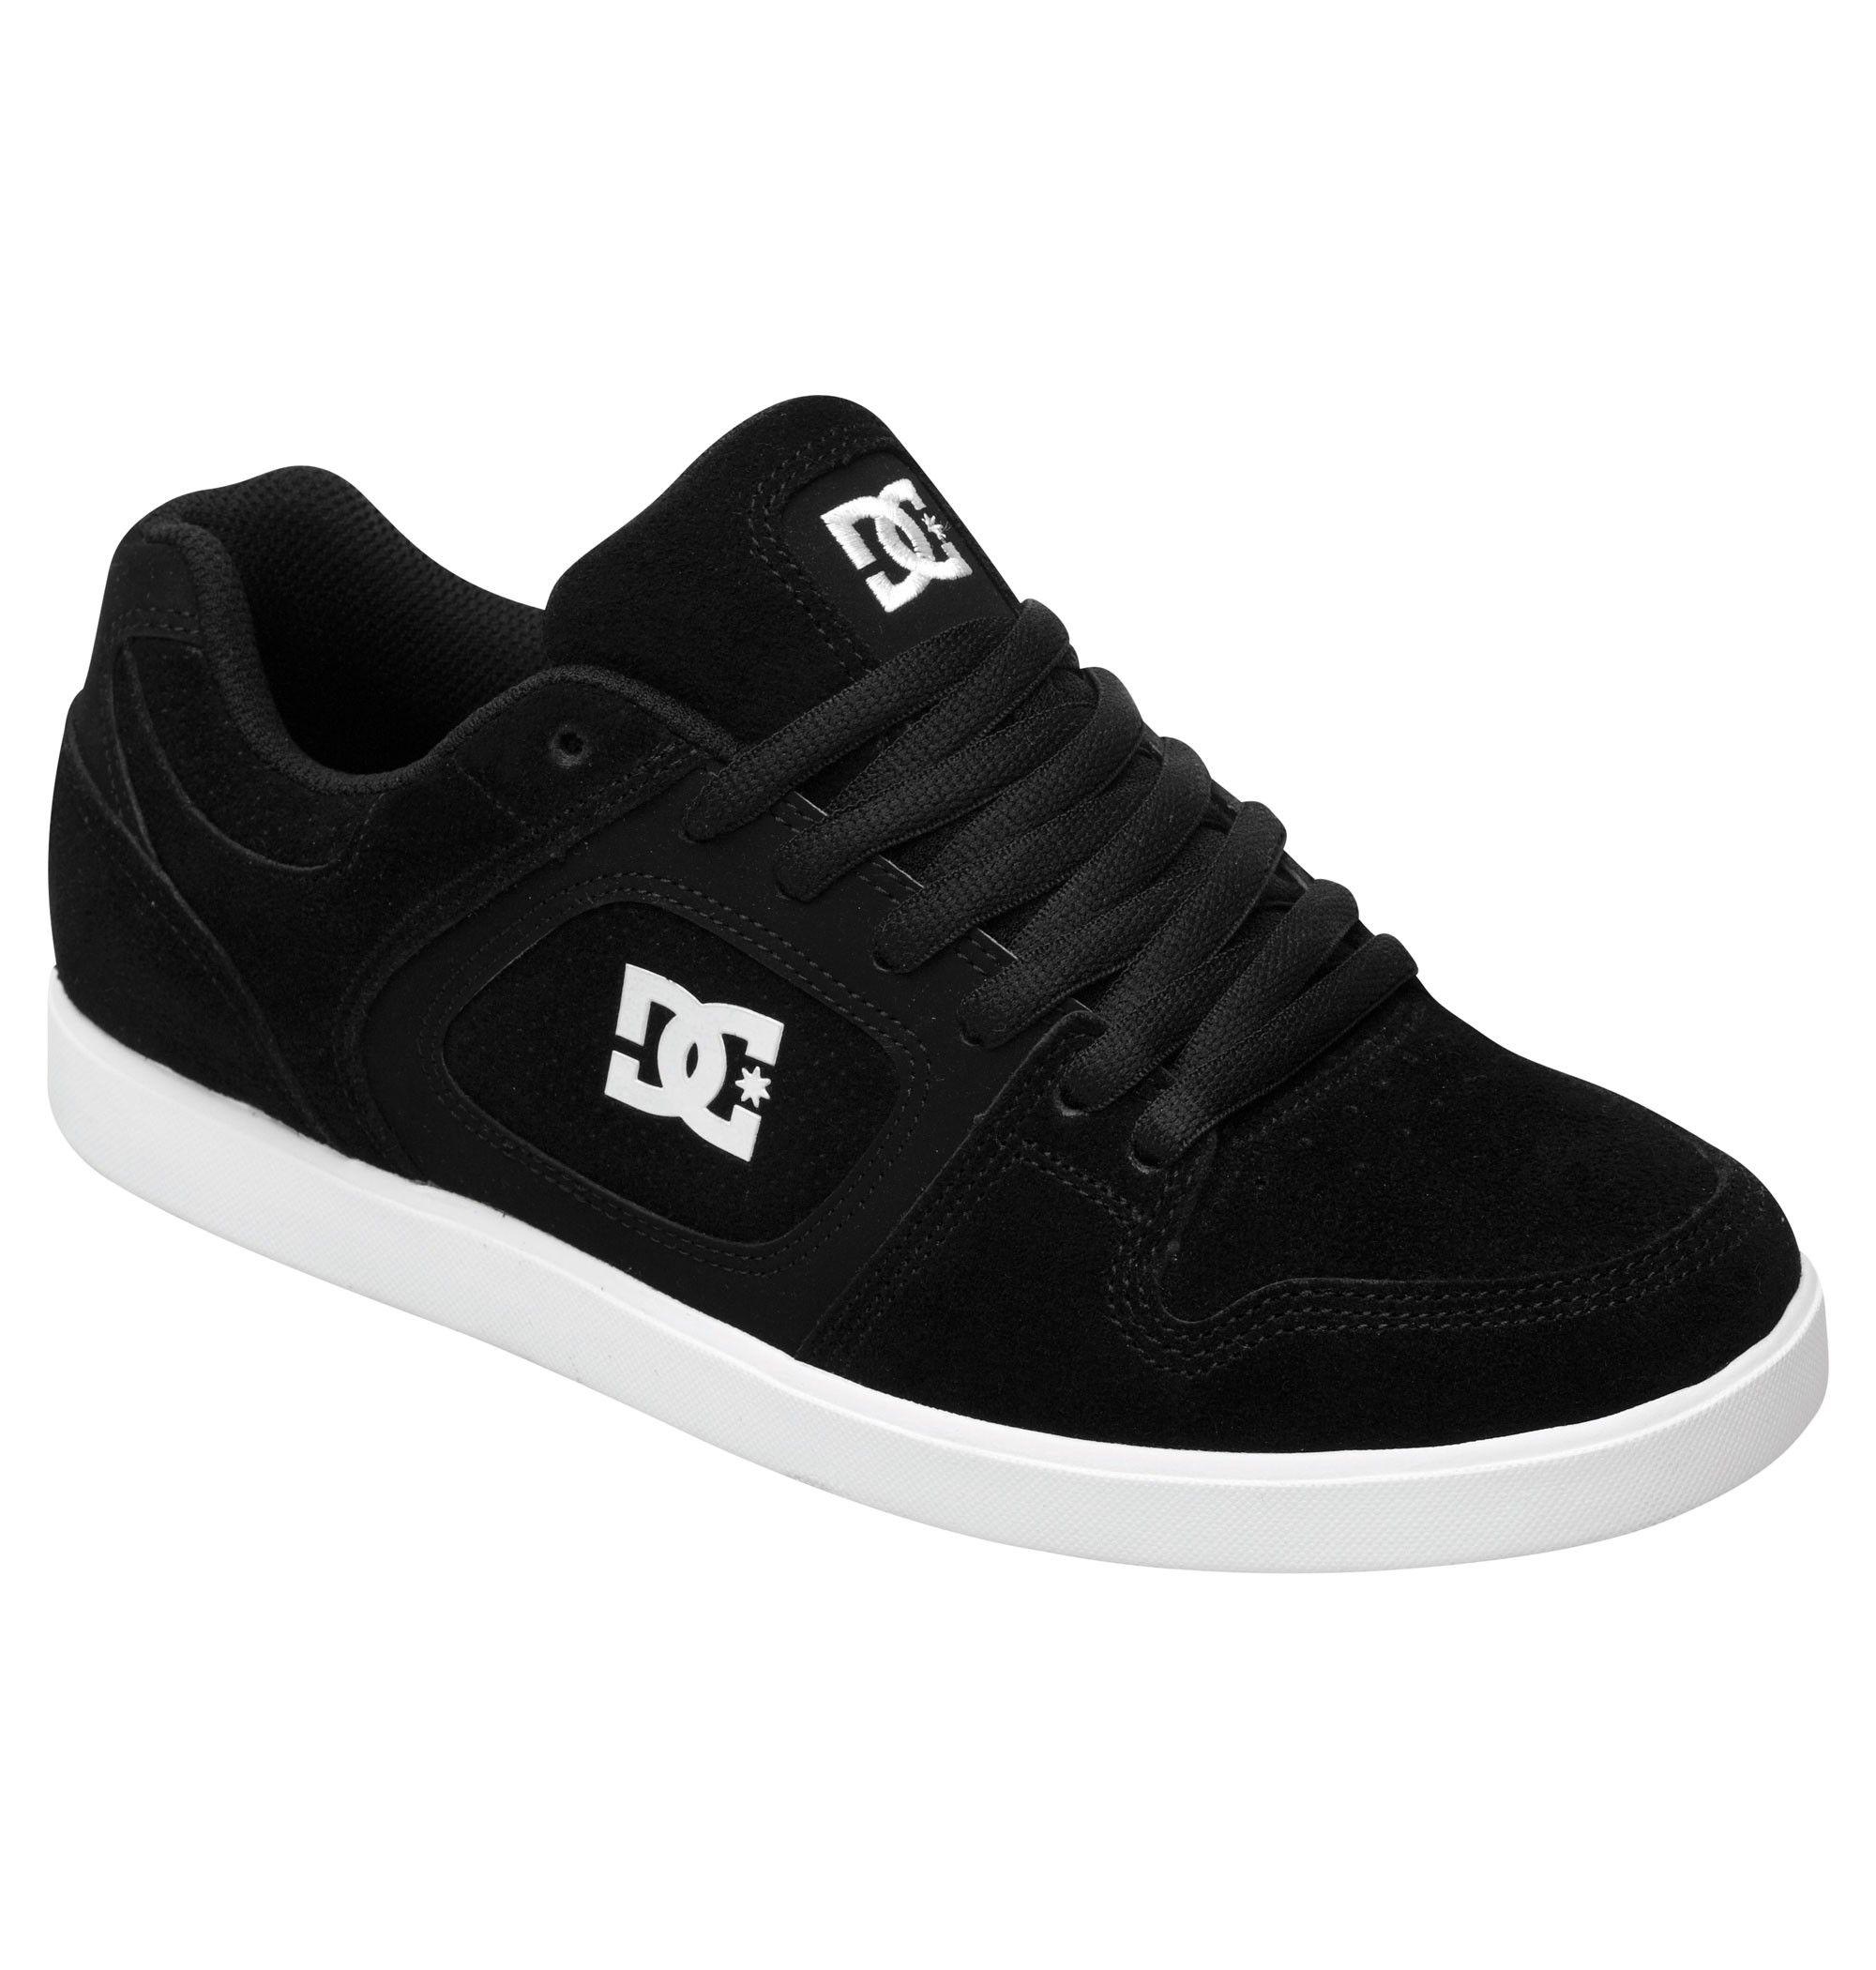 dc zapatillas vans online, DC en venta dc mujeres zapatos